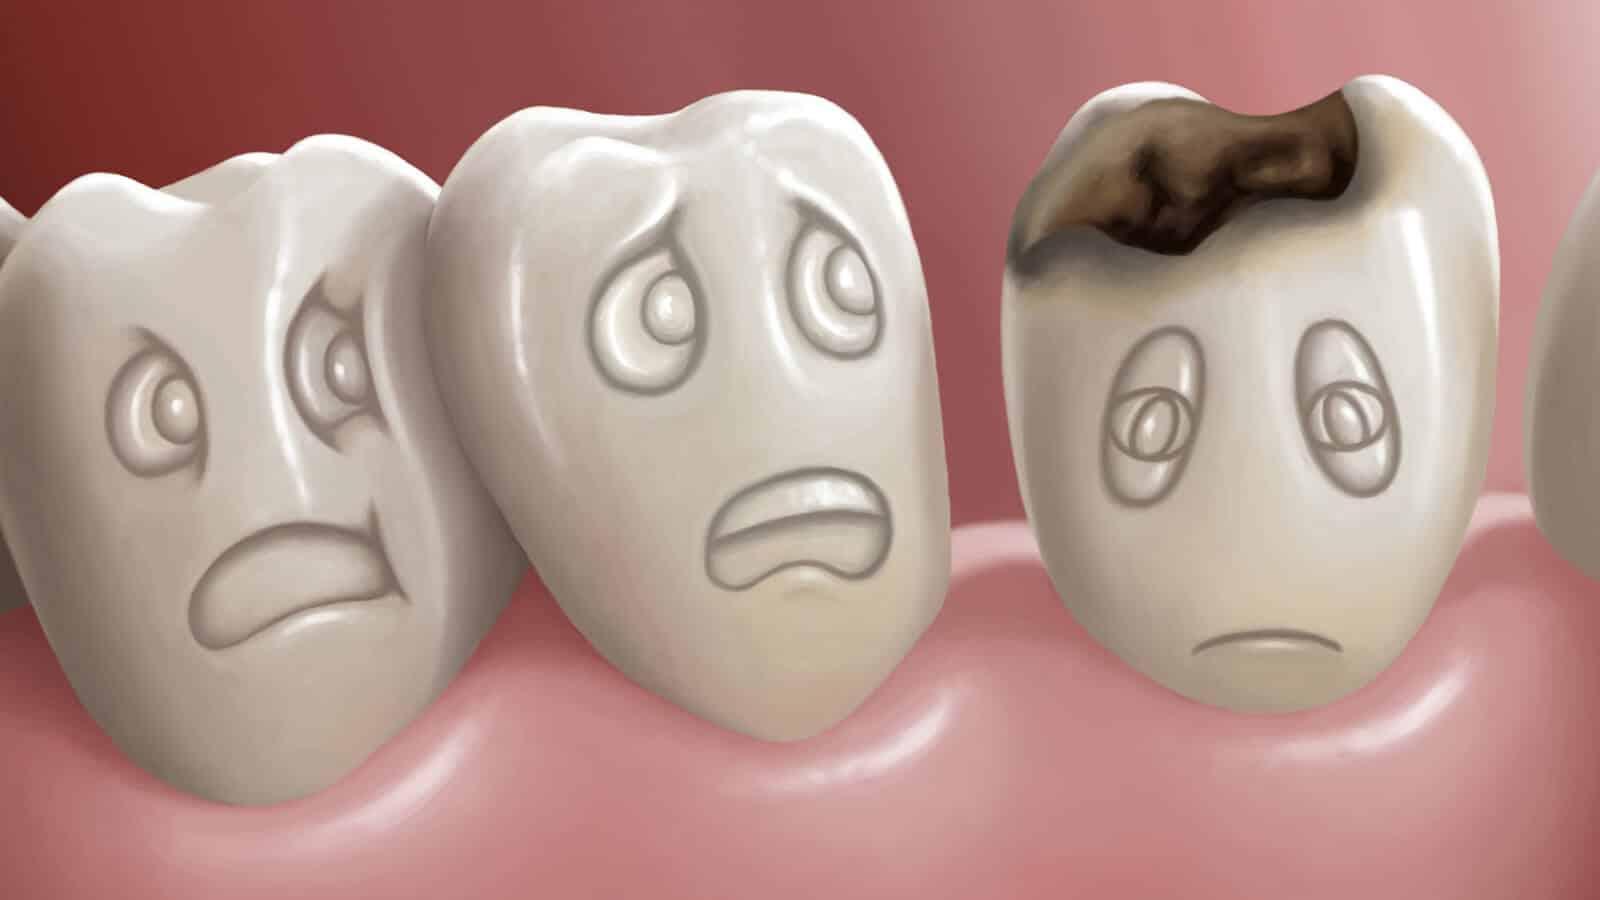 صورة علاج تسوس الاسنان , واسباب وعلاج تسوس الانسان